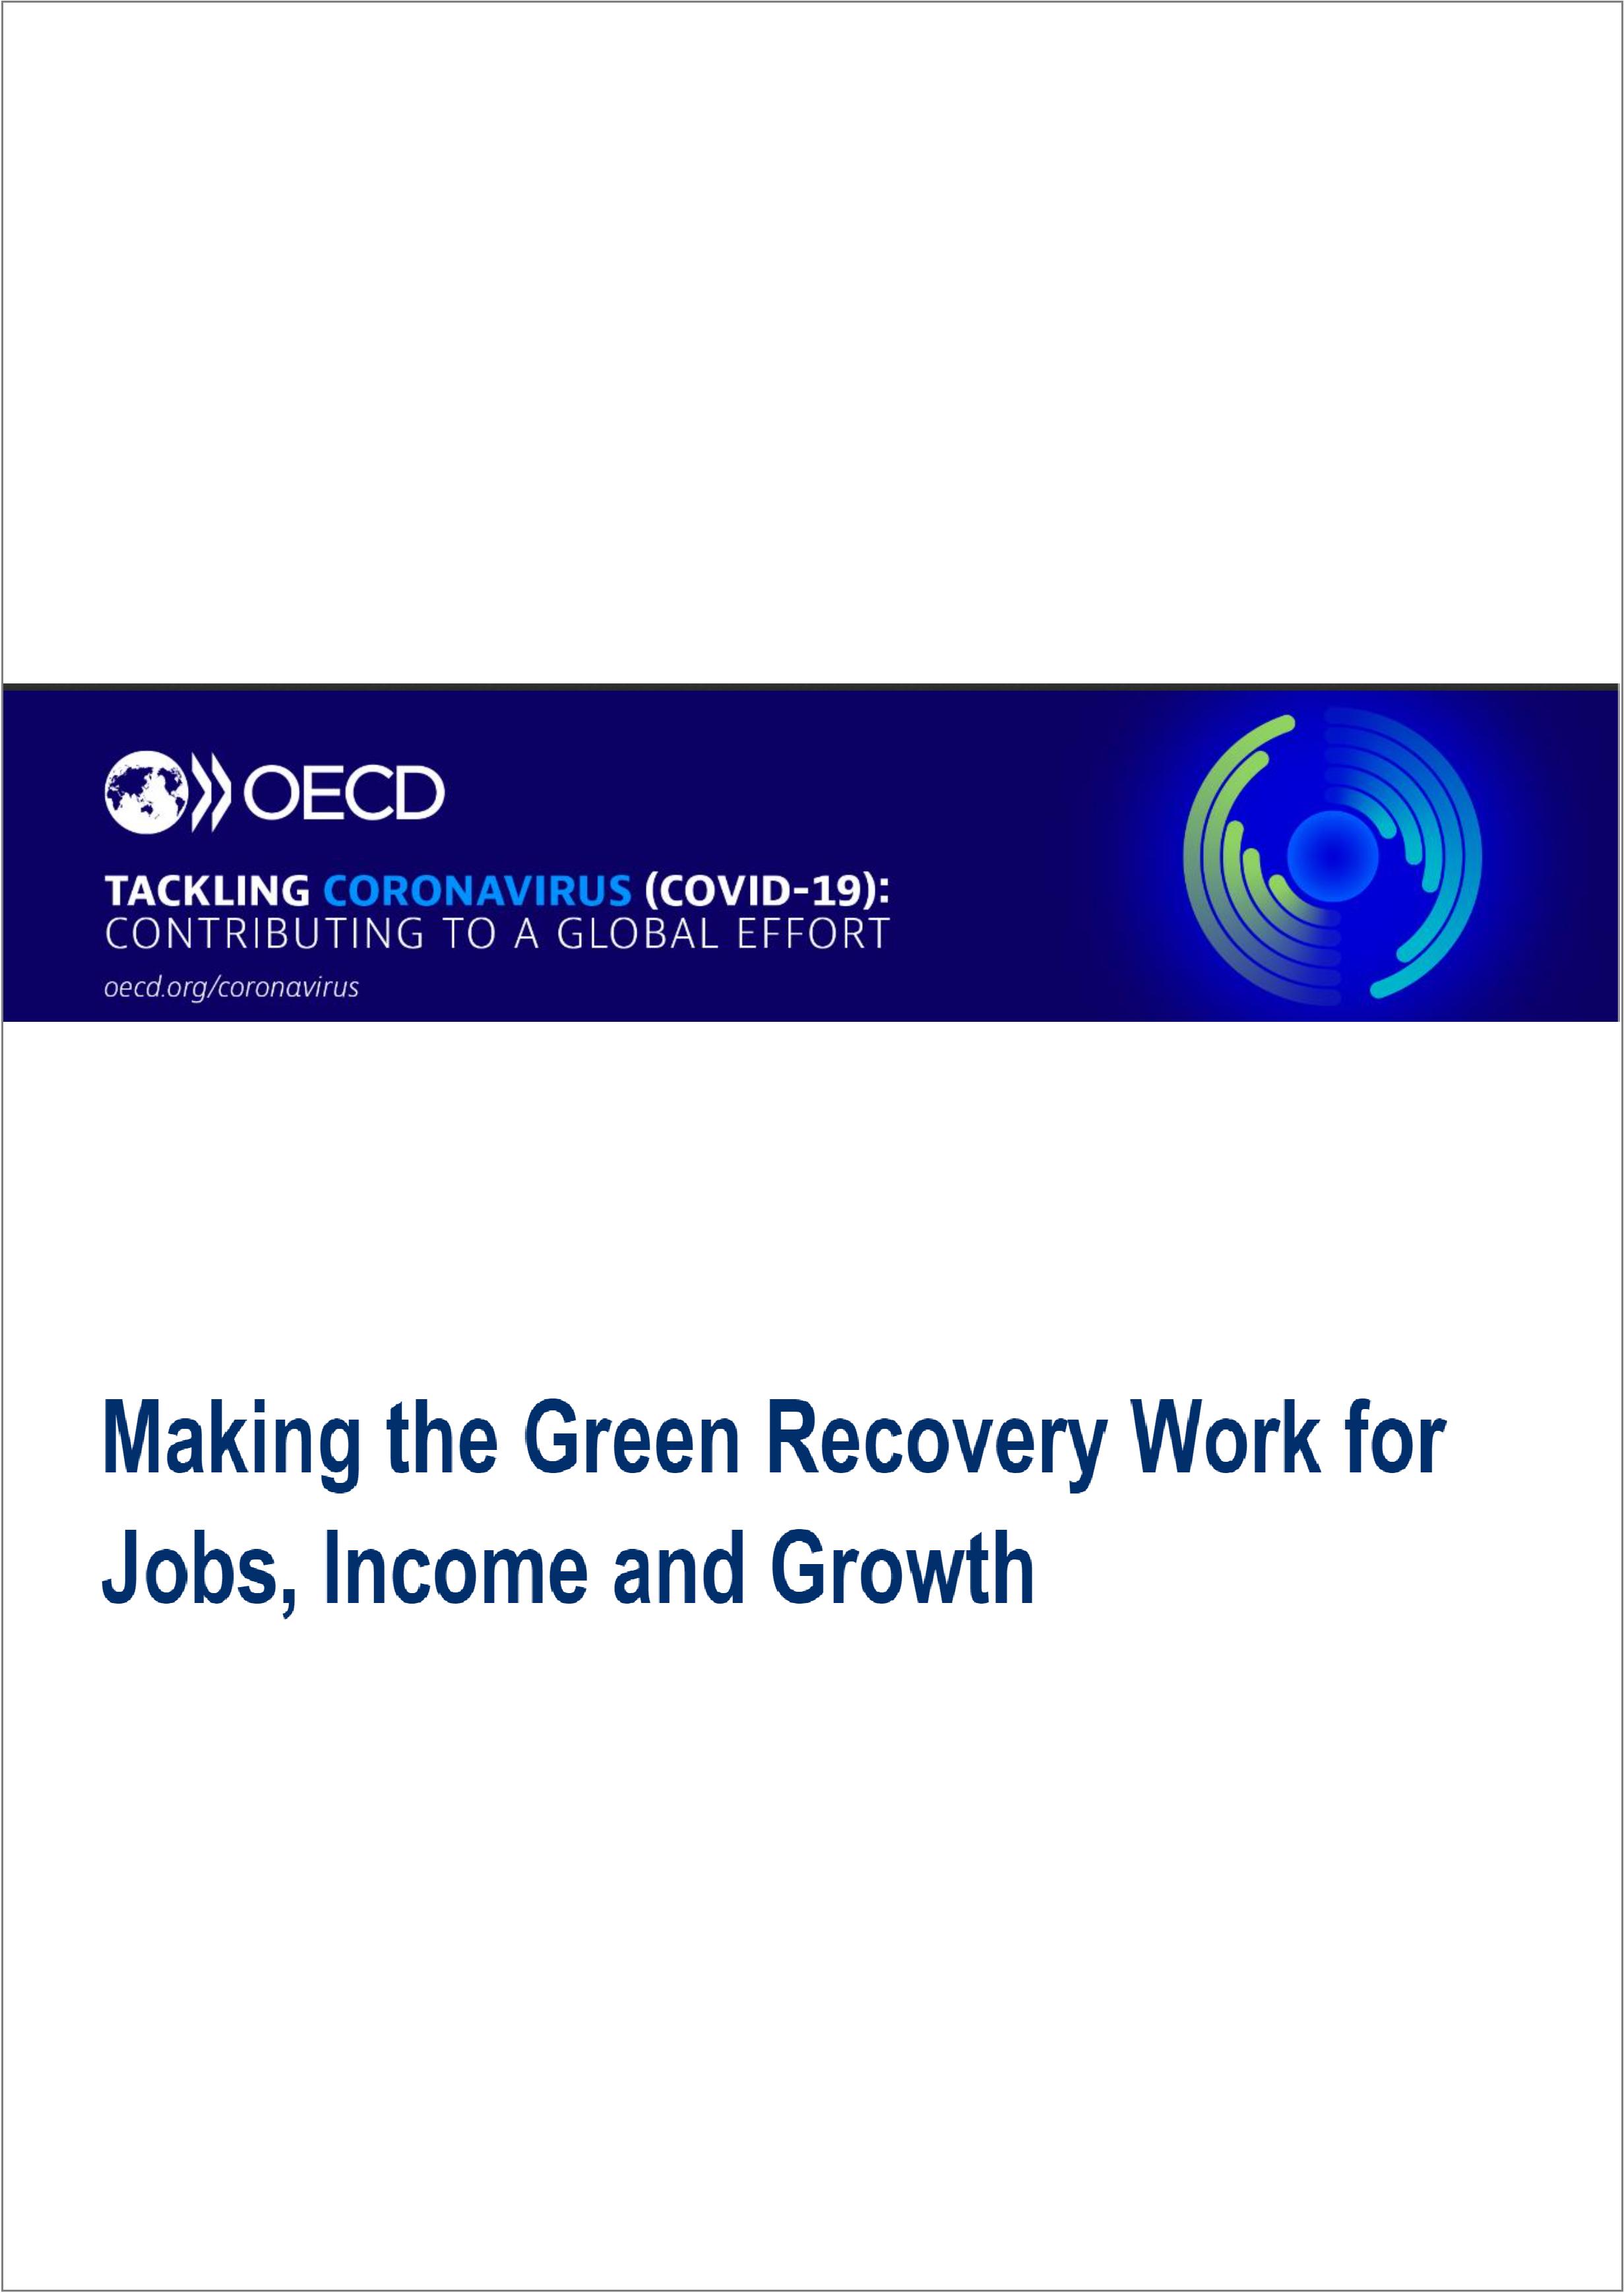 Аналитический обзор ОЭСР о зеленых мерах по восстановлению экономик